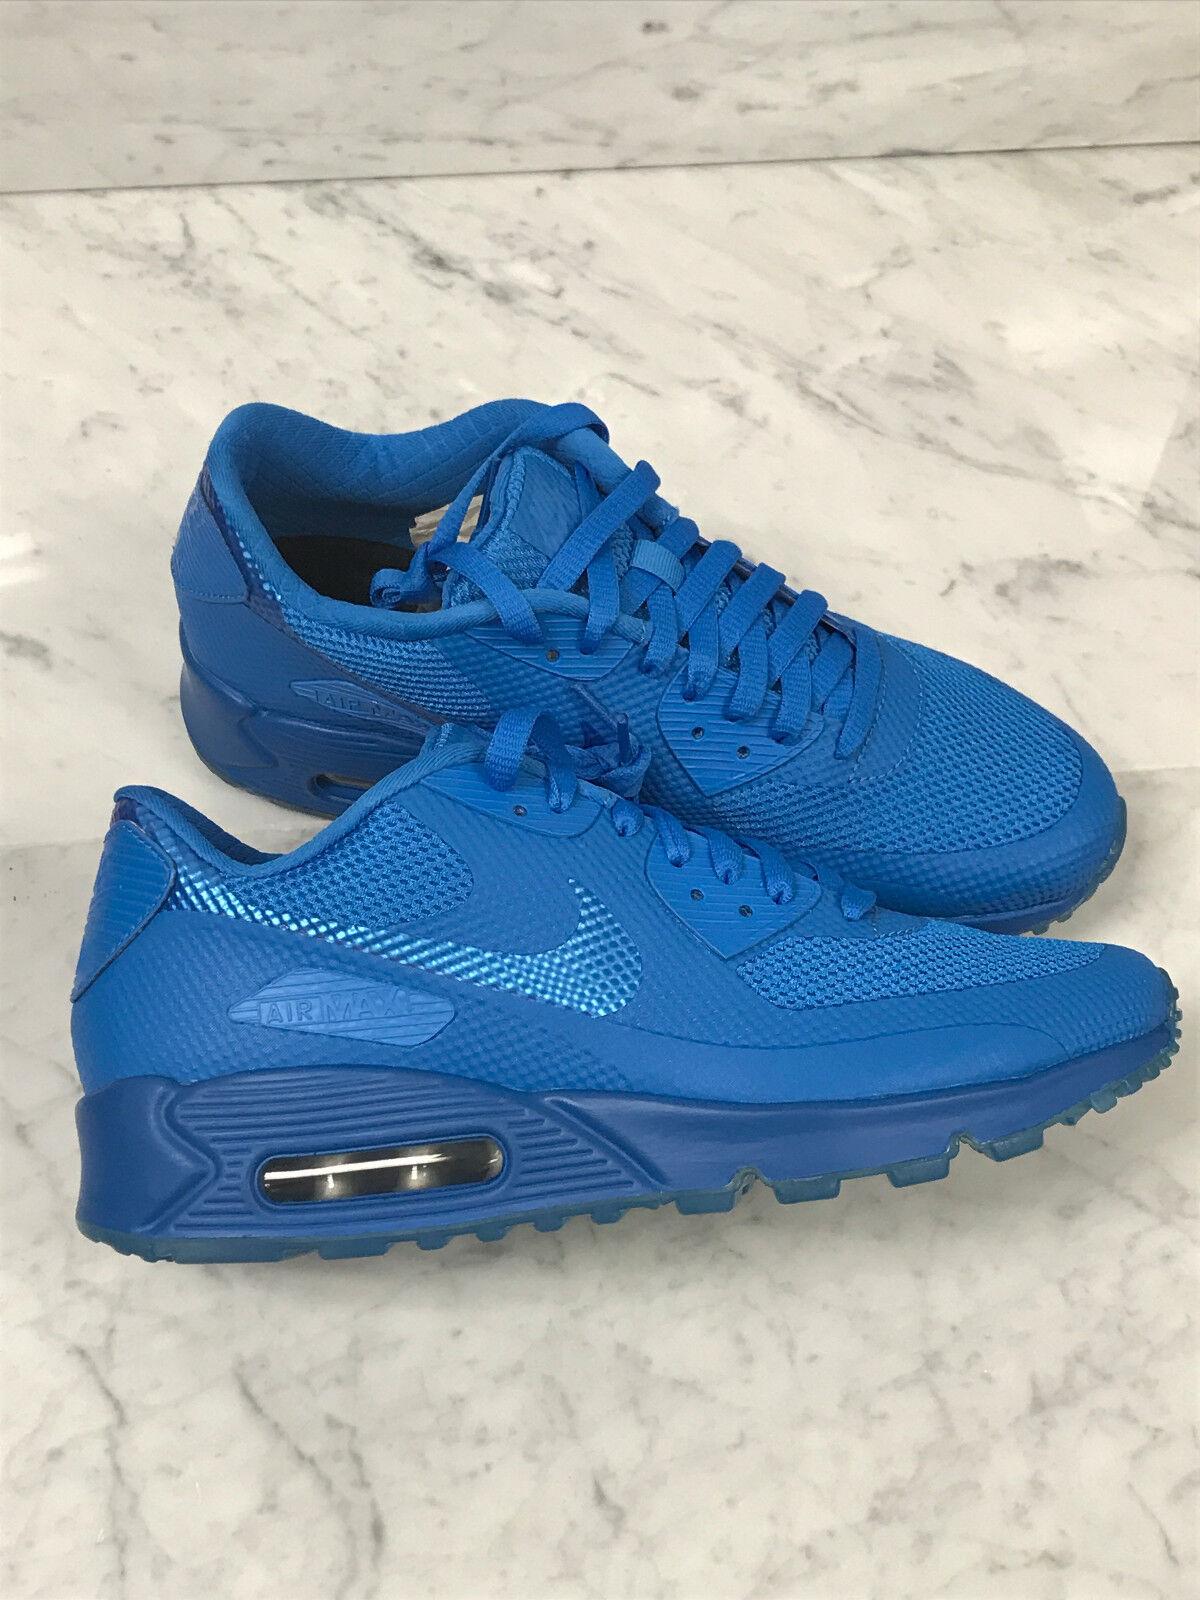 Nike air max 90 bianco e blu ipn sonodiventate autentico lt i